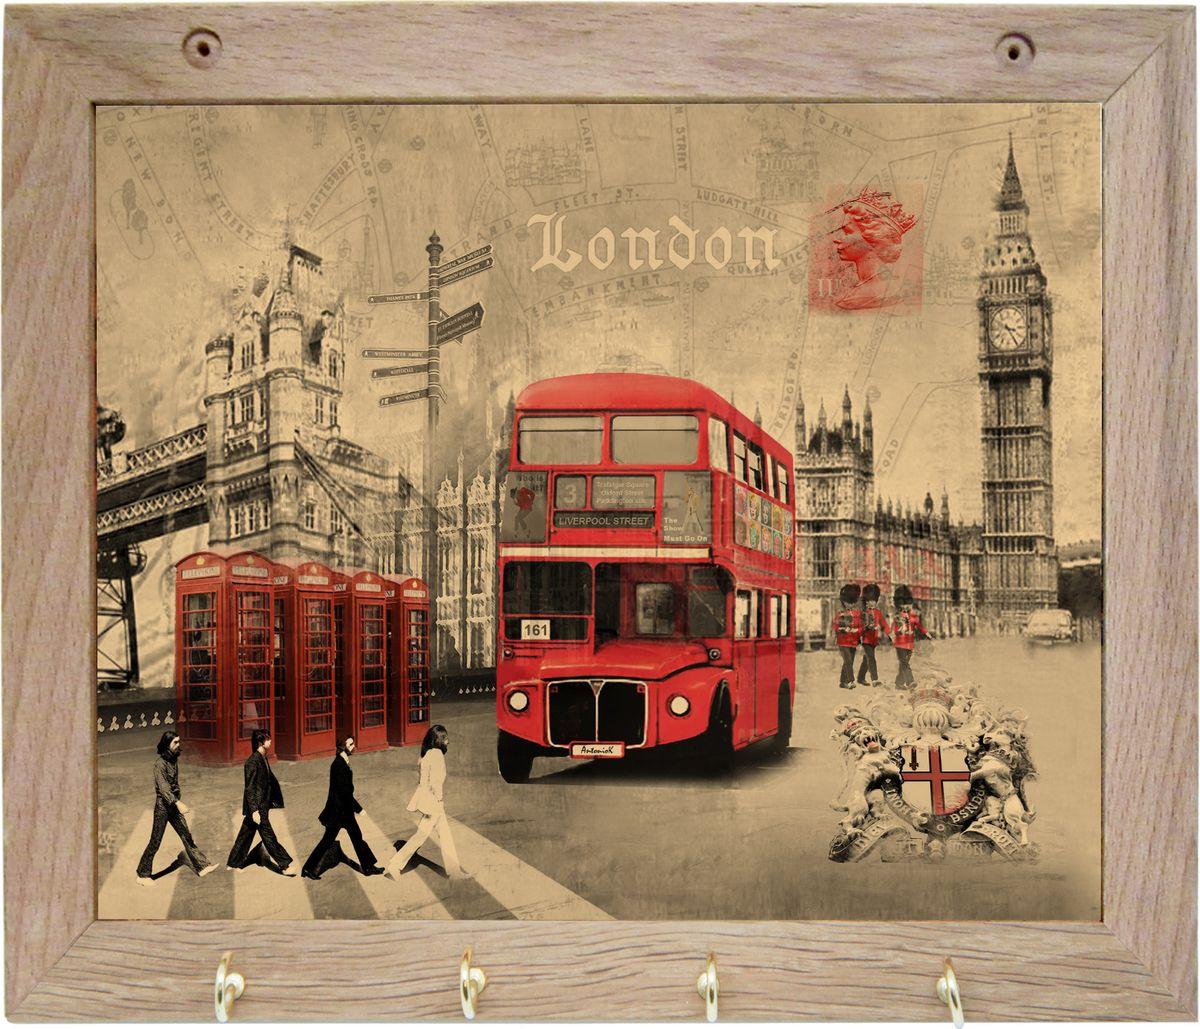 Вешалка GiftnHome Лондон, с 4 крючками, 20 х 25 смTH-LondonВешалка GiftnHome Лондон в стиле Art-Casual изготовлена из натурального дерева в комбинации с модными цветными принтами на корпусе отКреативной студии AntonioK. Вешалка снабжена 4 металлическими крючками для подвешивания аксессуаров, полотенец, прихваток и другоготекстиля.Это изделие больше, чем просто вешалка, оно несет интерьерное решение, задает настроение и стиль на вашей кухне, столовой или дачнойверанде.Art-Casual значит буквально повседневное искусство. Это новый стиль предложения обычных домашних аксессуаров в качестве элементов,задающих стиль и шарм окружающего пространства. Уникальное сочетание привычной функциональности и декоративной, интерьерной функции -это актуальная, современная тенденция от прогрессивных производителей товаров для дома.